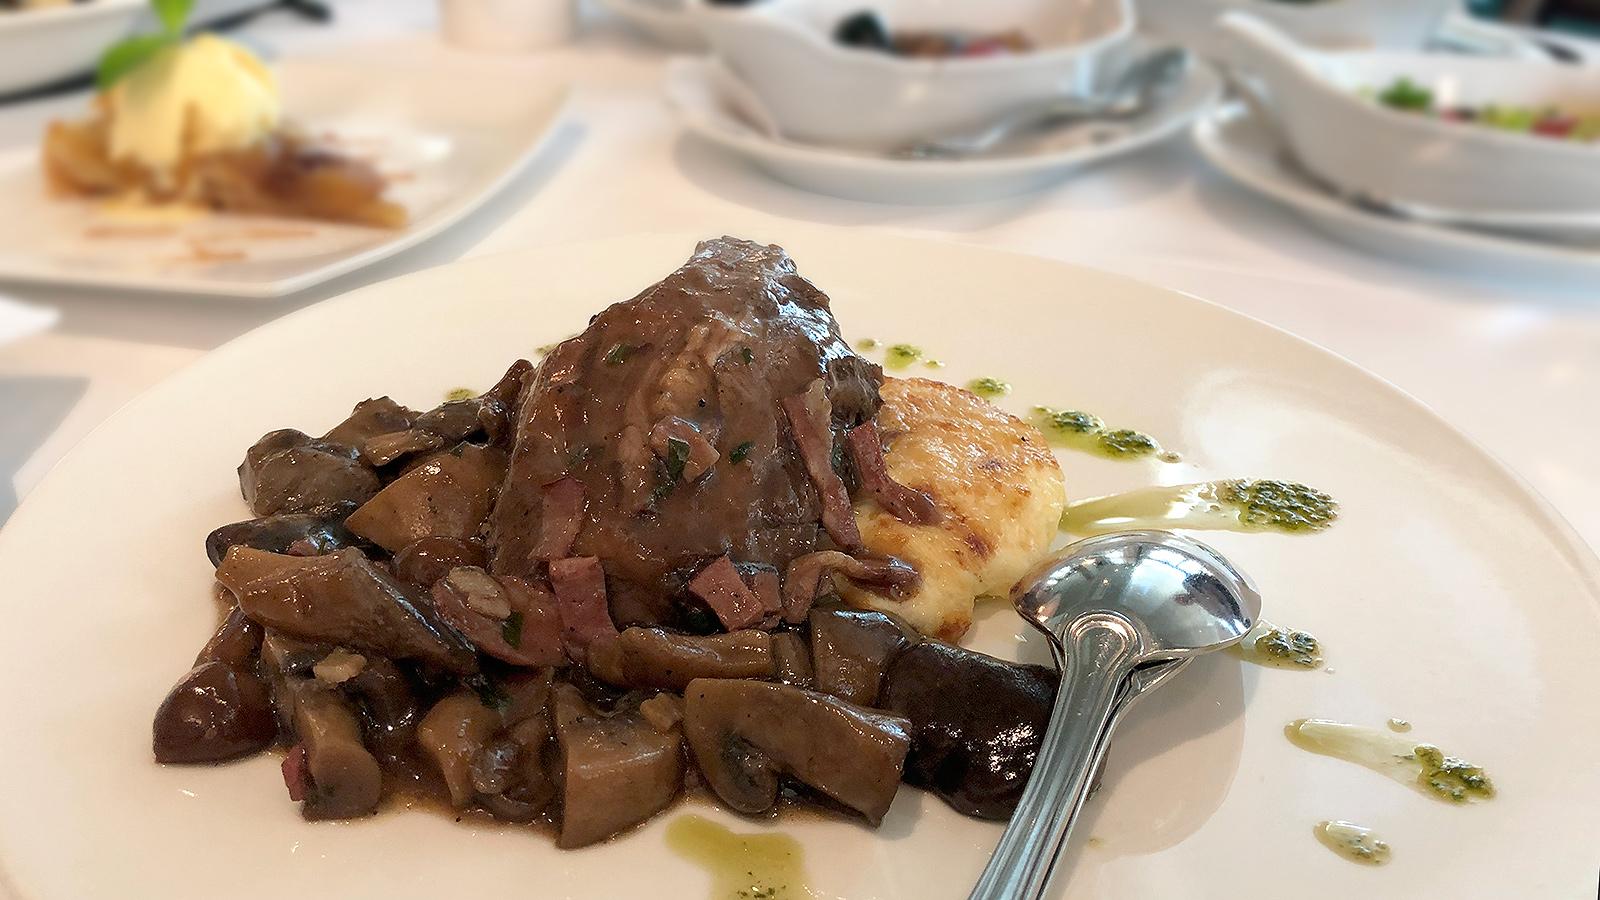 Boeuf bourguignon от шеф Пламен Европейски: Говеждо по бургундски -бавно готвено говеждо,с диви гъби и вино поднесено с картофи финоаз